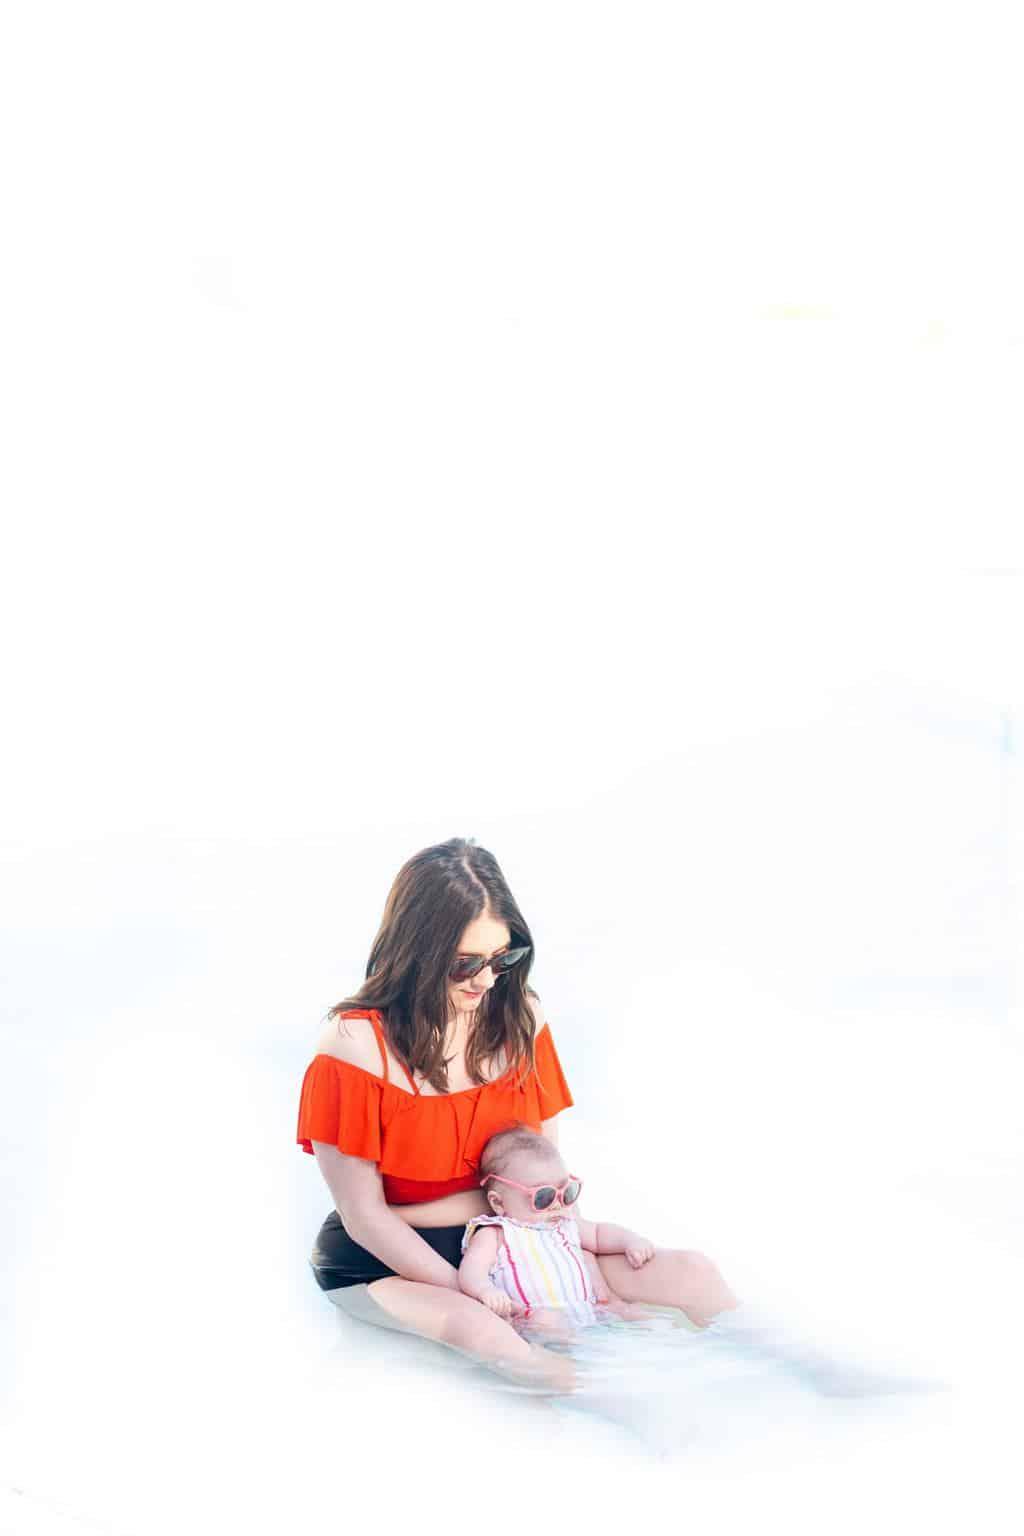 Turks & Caicos Ashley & Gwen by top Houston lifestyle blogger Ashley Rose of Sugar & Cloth